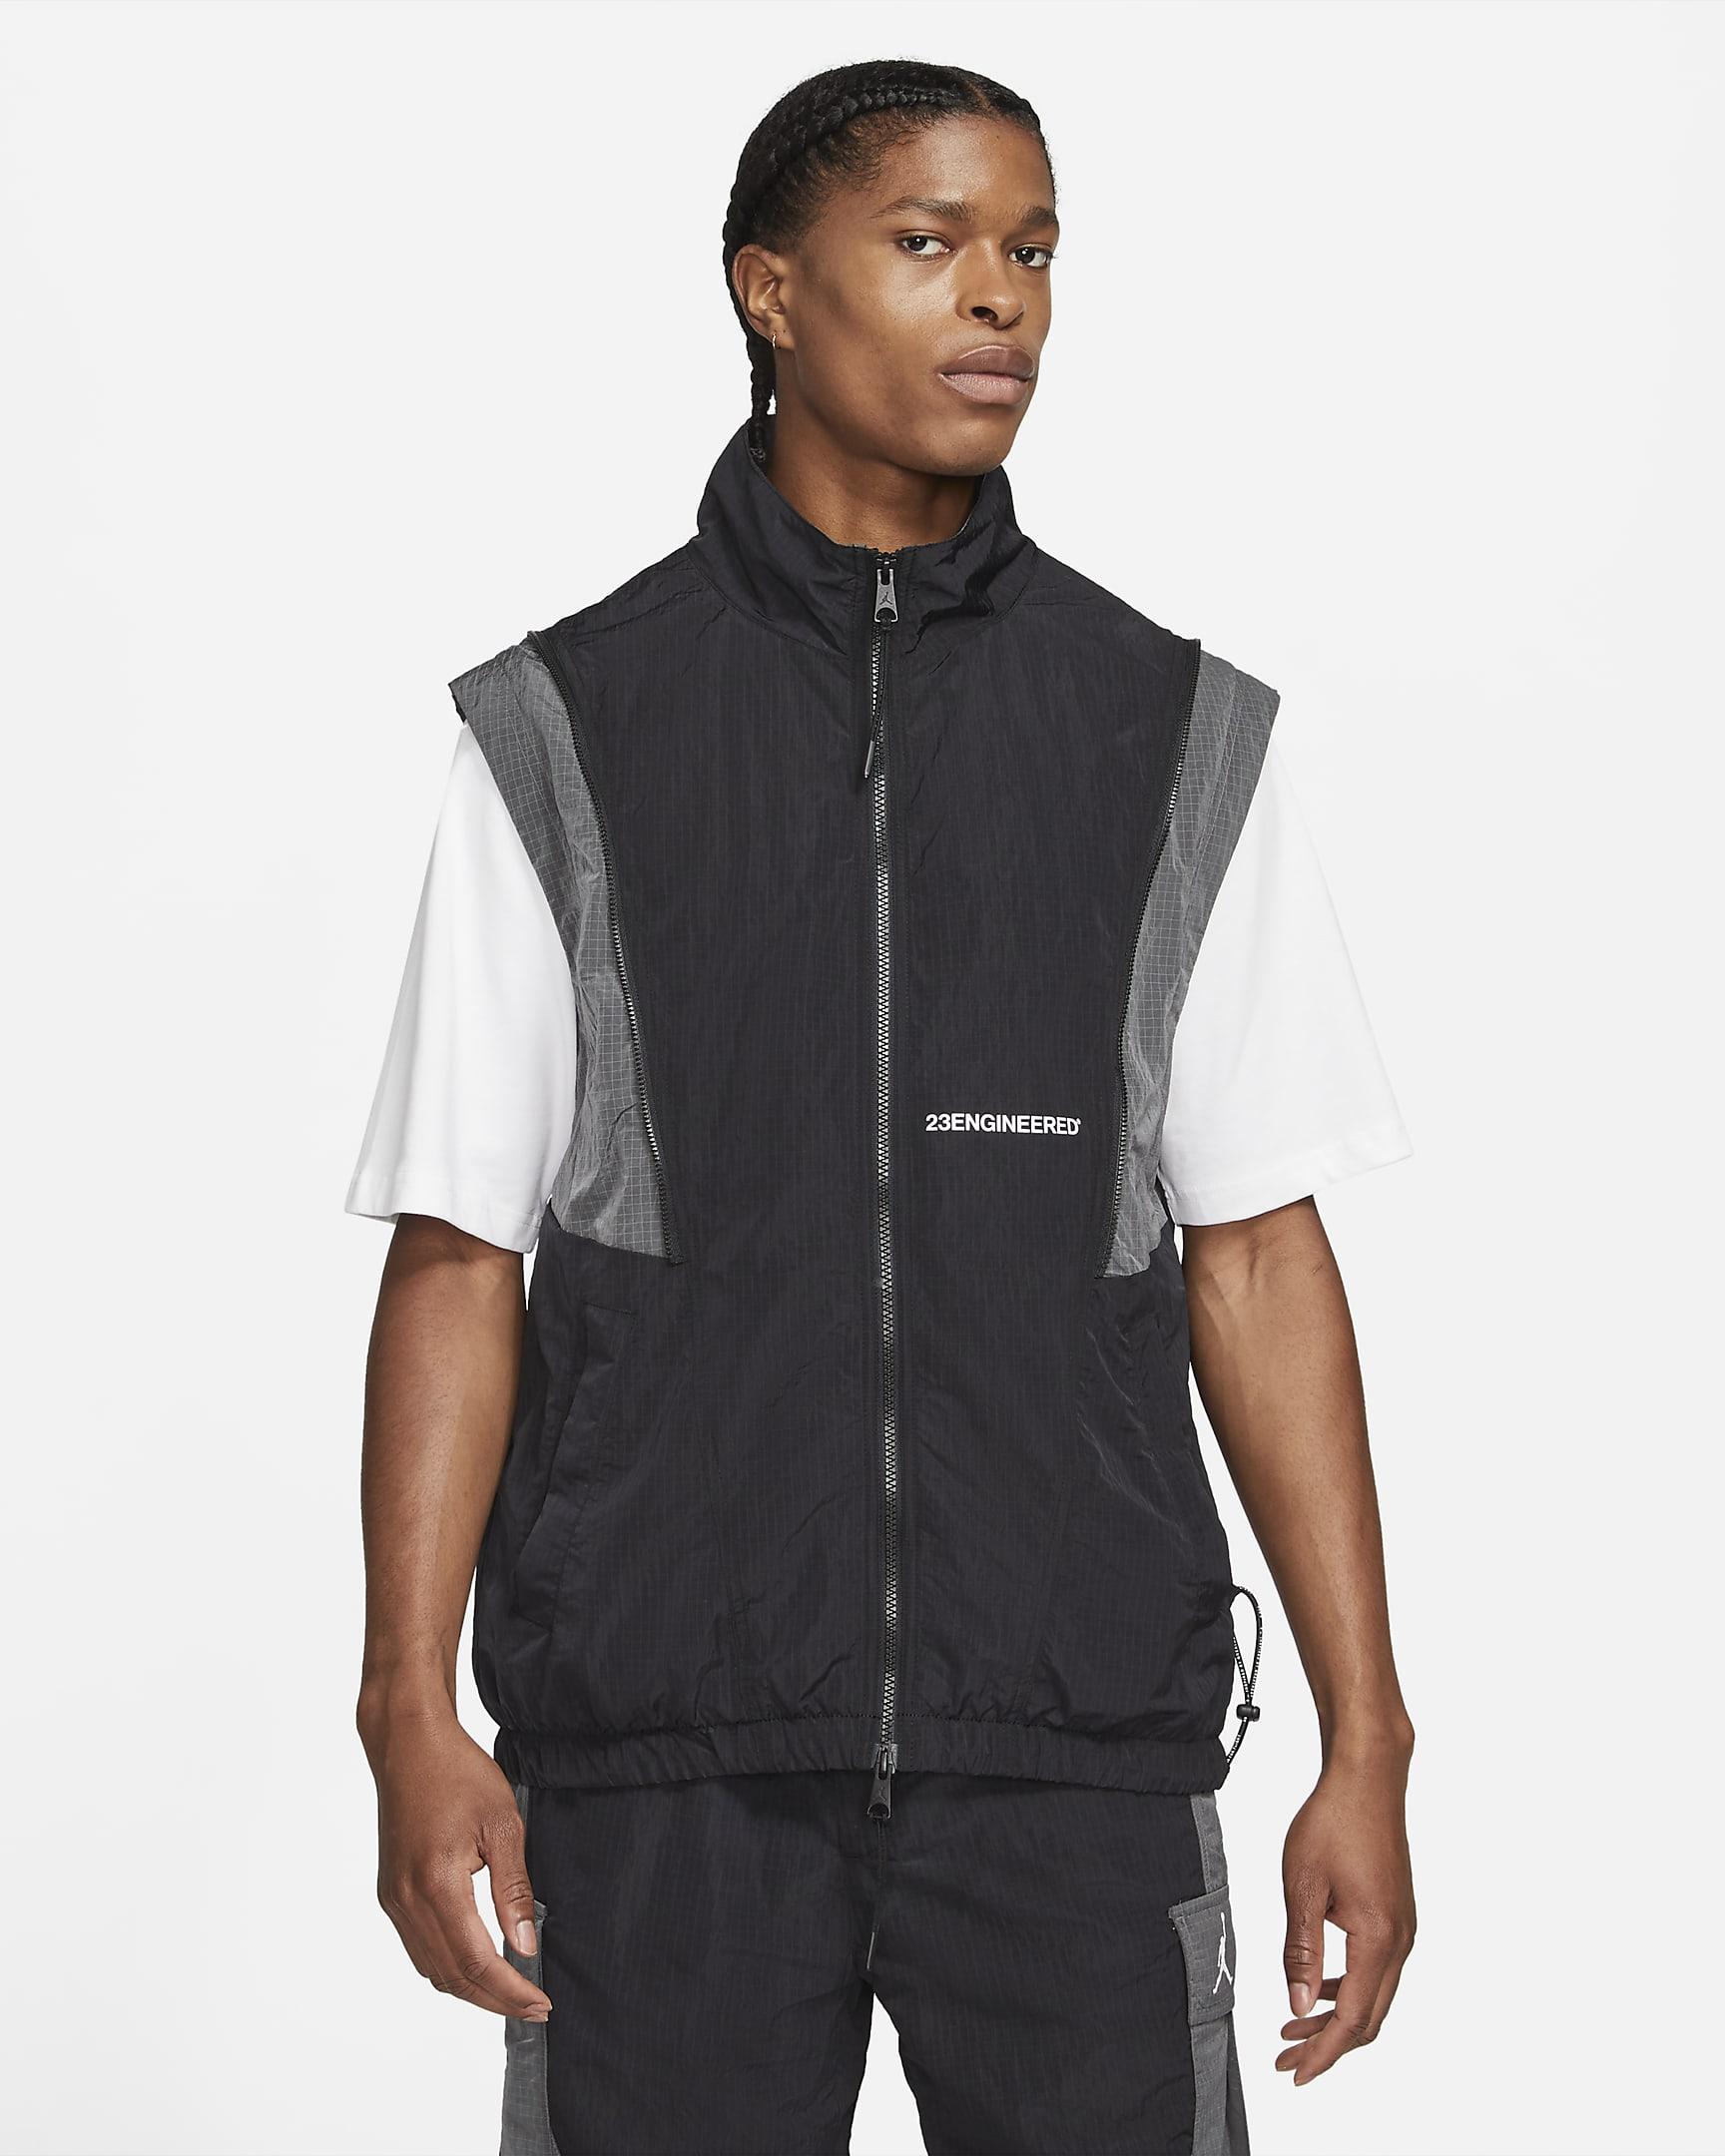 jordan-23-engineered-mens-woven-jacket-SFDMk2-5.png